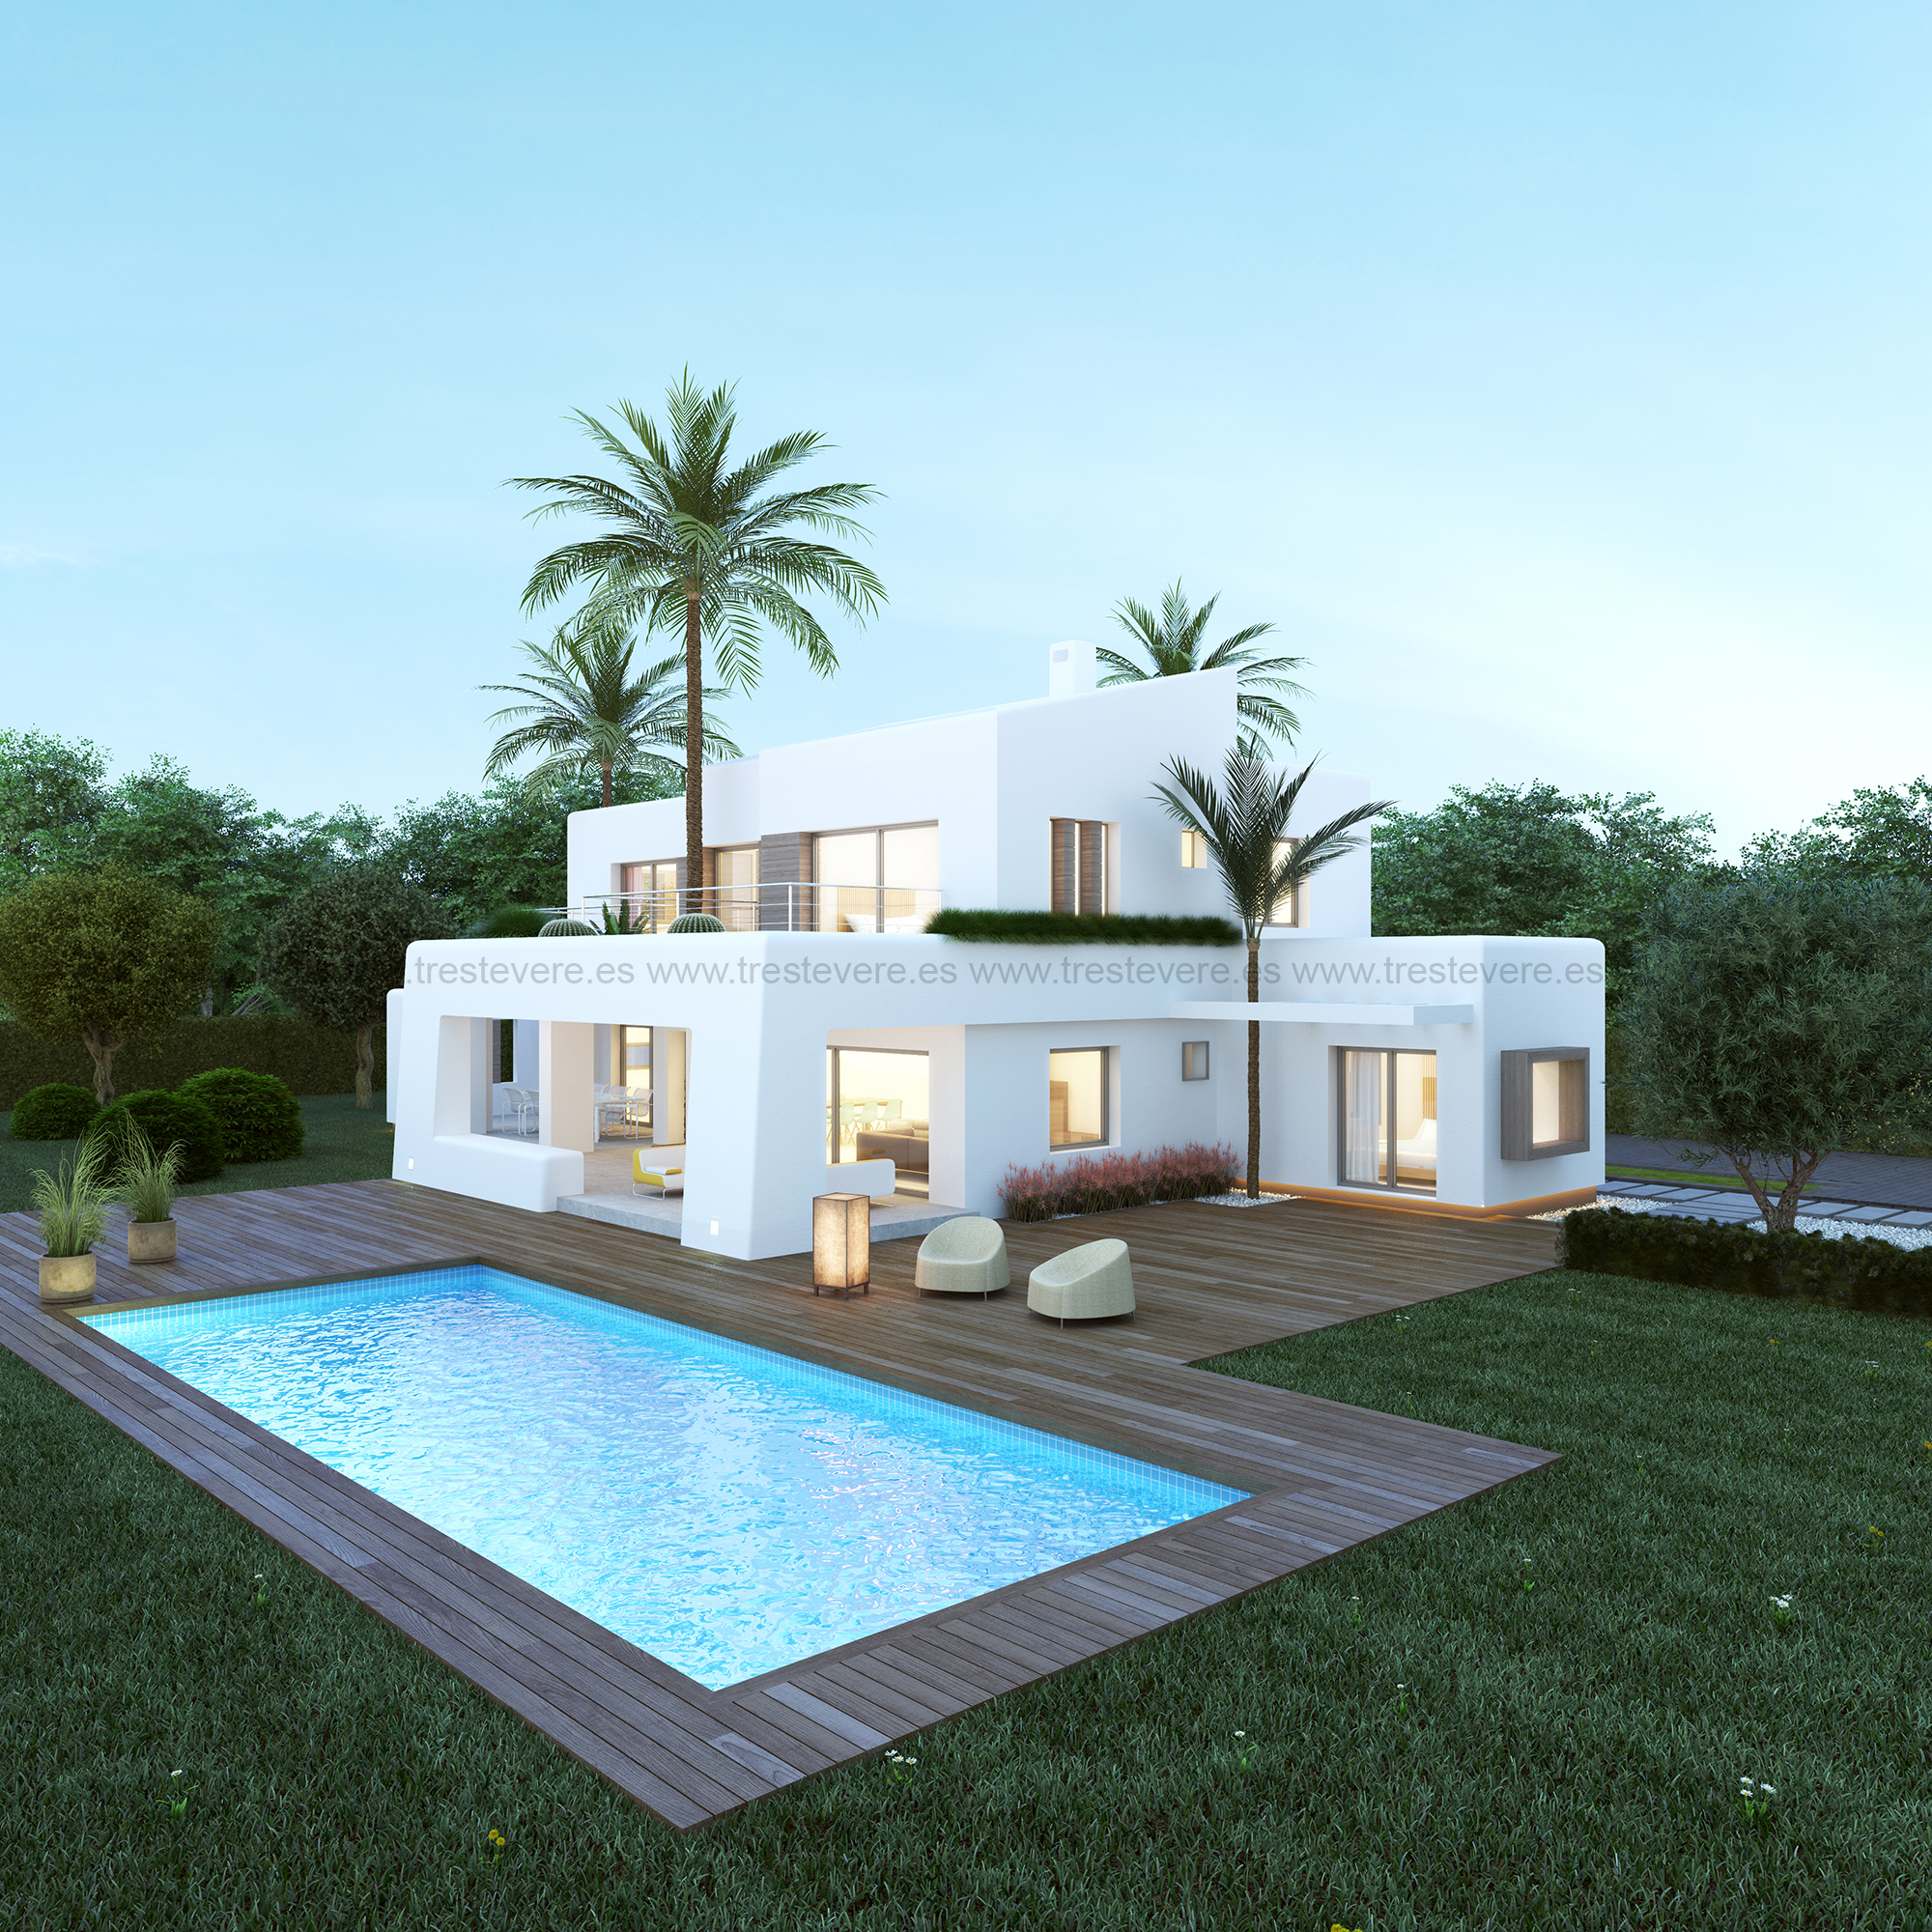 Vivienda ibicenca en x bia trest vere blog infografia 3d for Construccion de piscinas con ladrillos